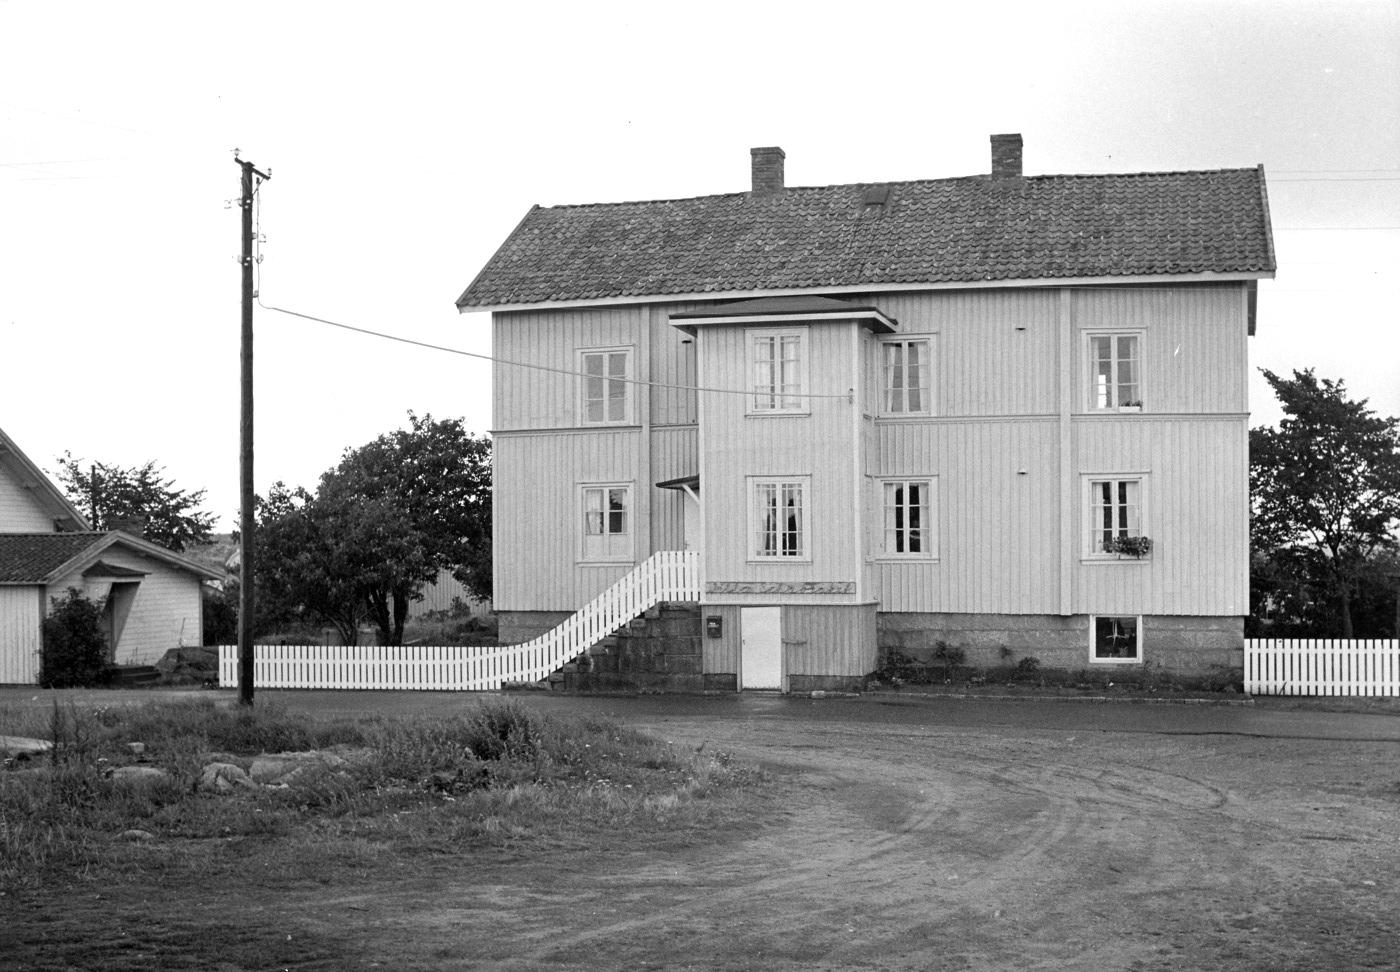 Foto Claes Funck 1968. Villa Schabraket. Första privata ägaren var lärare från Gävle.